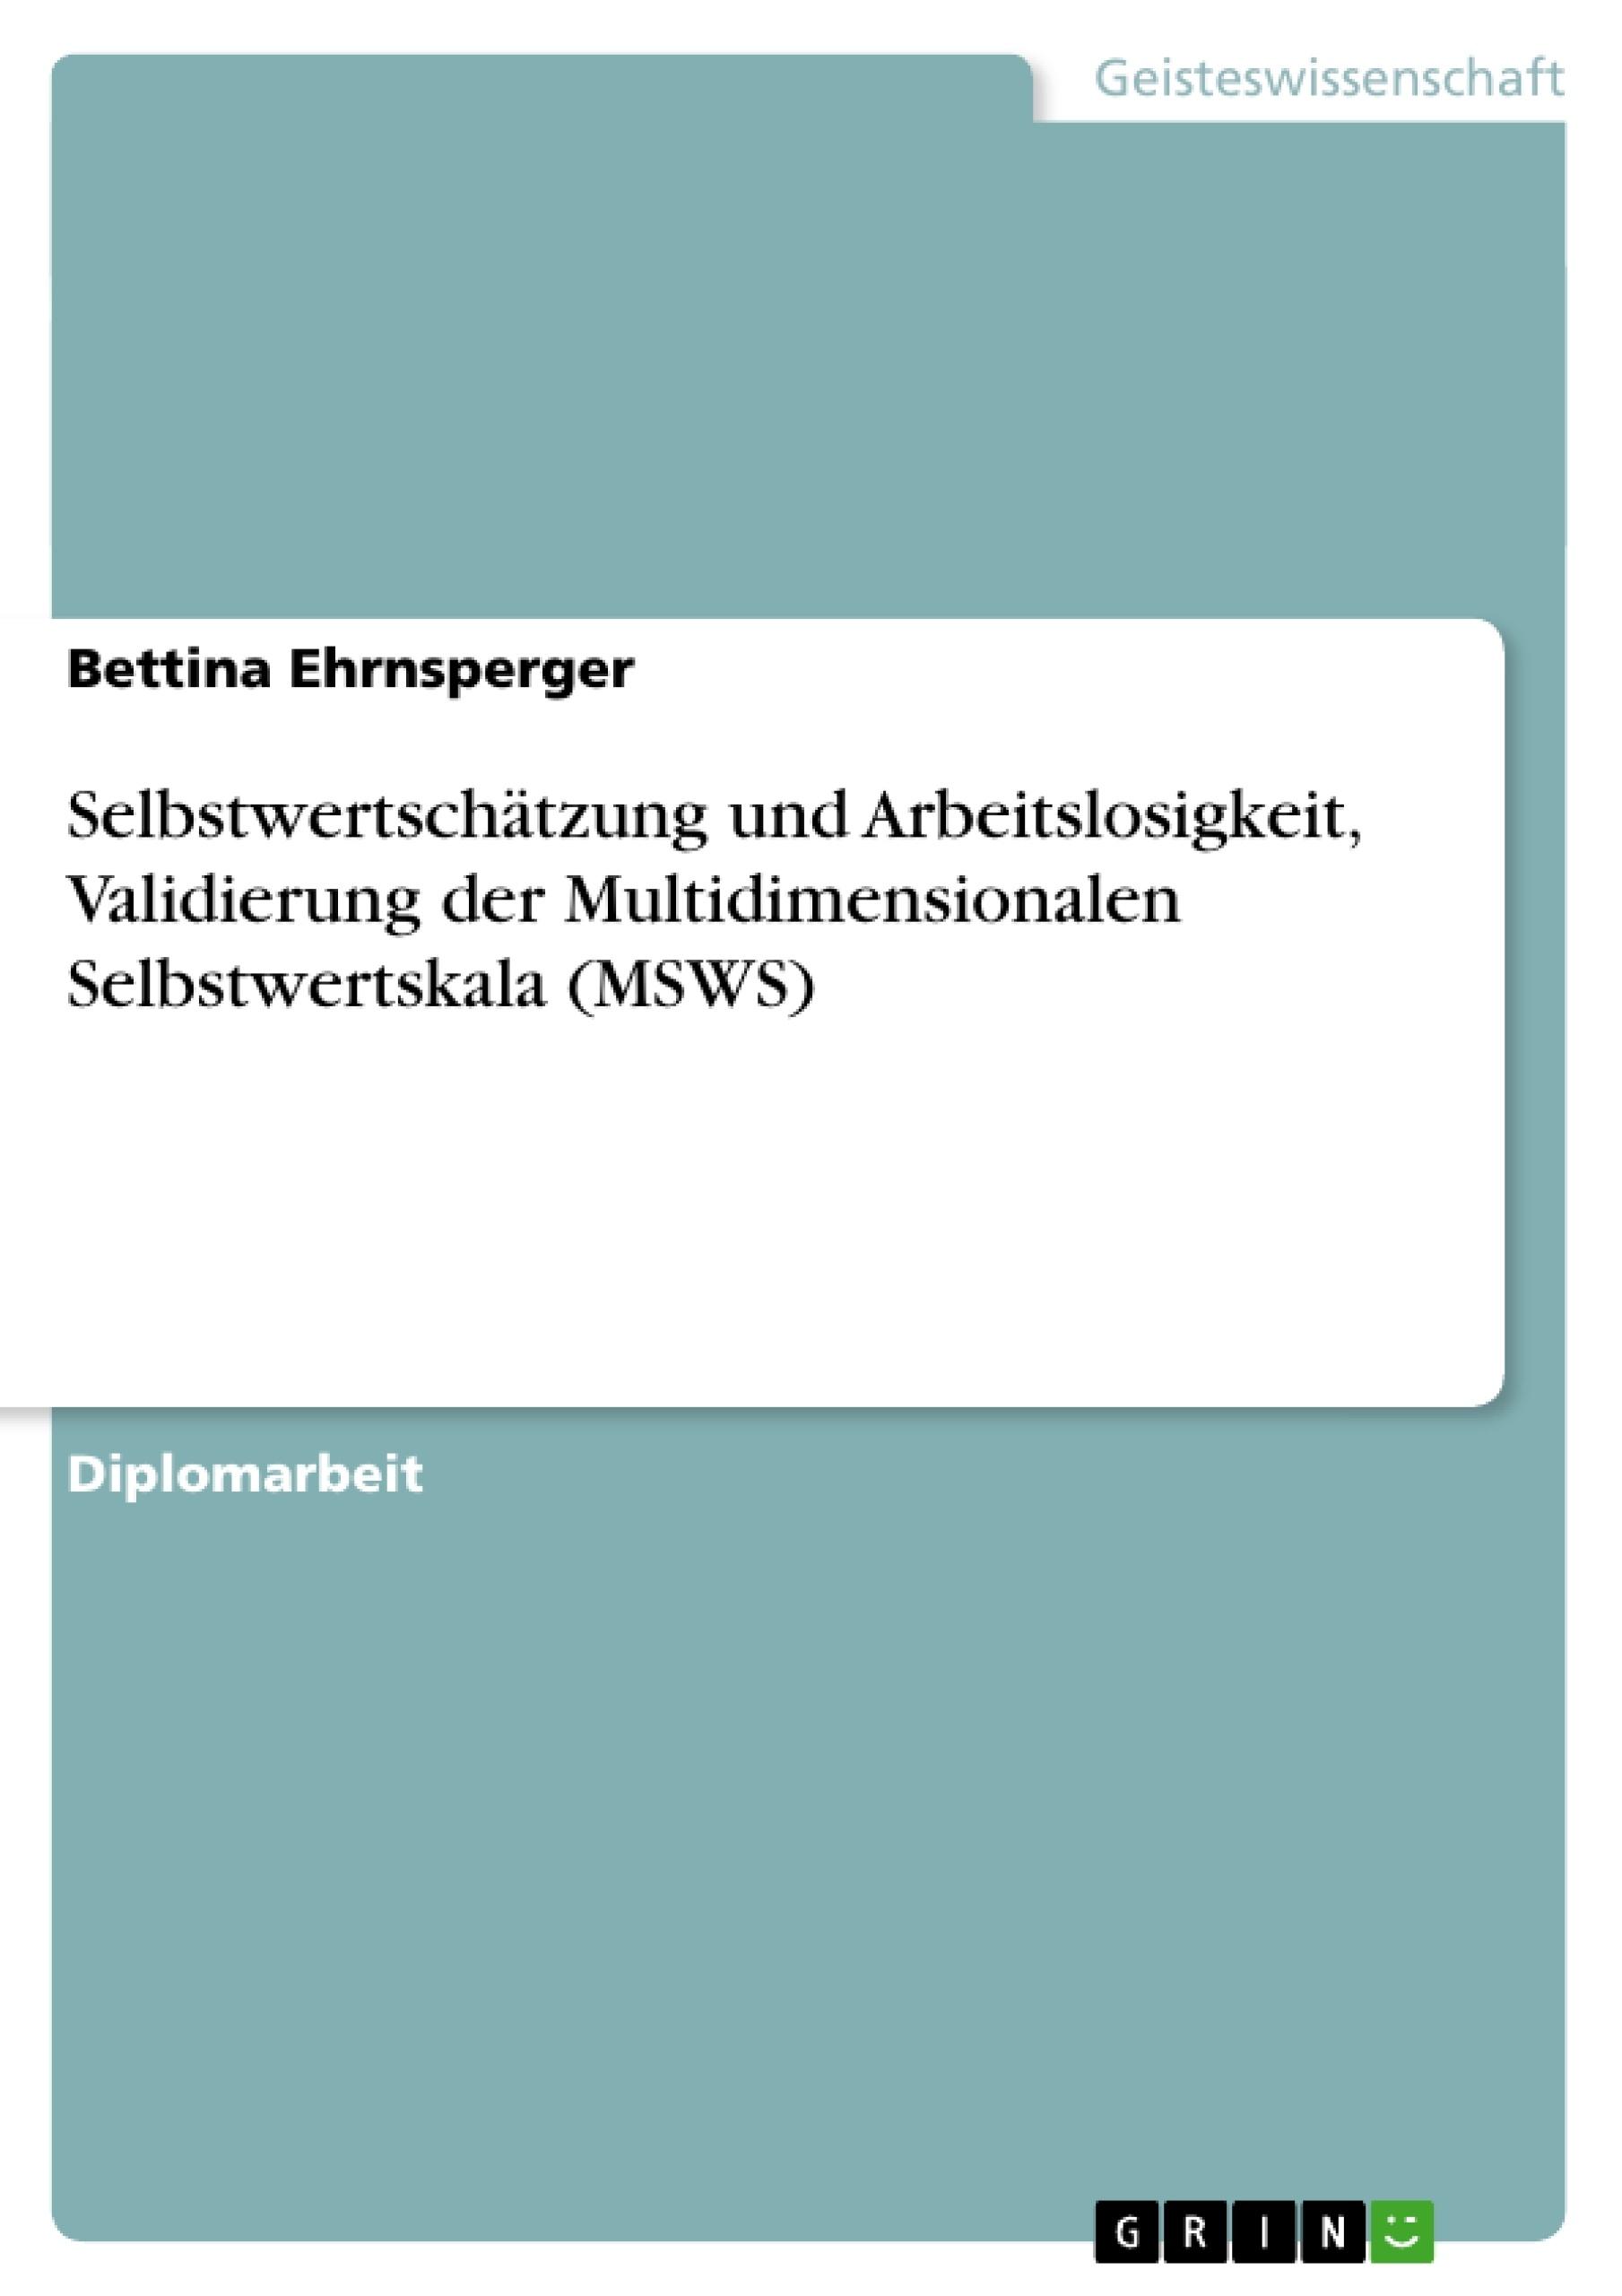 Titel: Selbstwertschätzung und Arbeitslosigkeit, Validierung der Multidimensionalen Selbstwertskala (MSWS)